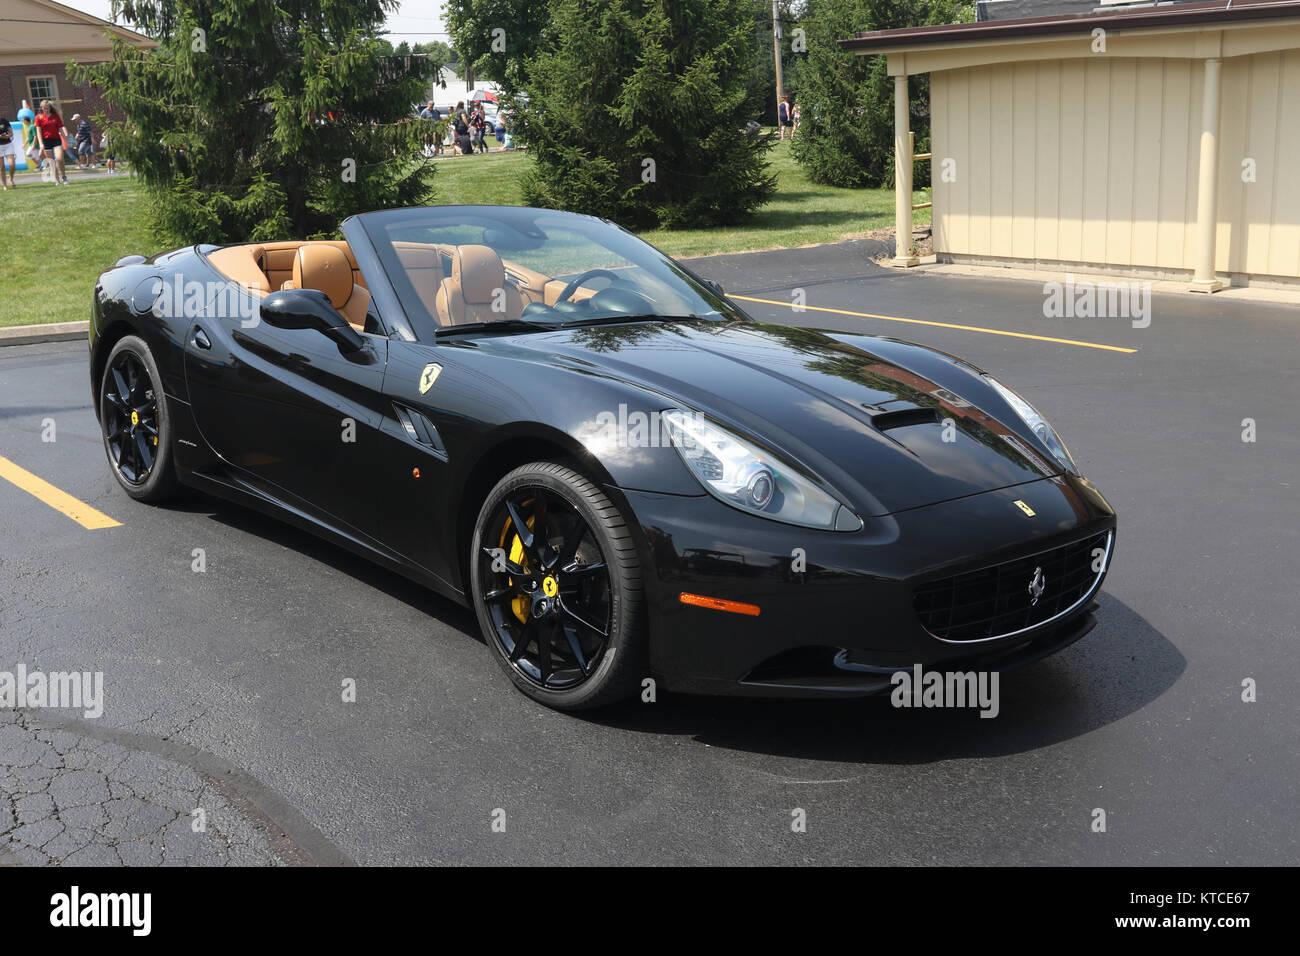 Ferrari automobile stock photos ferrari automobile stock for Mercedes benz of centerville washington township oh